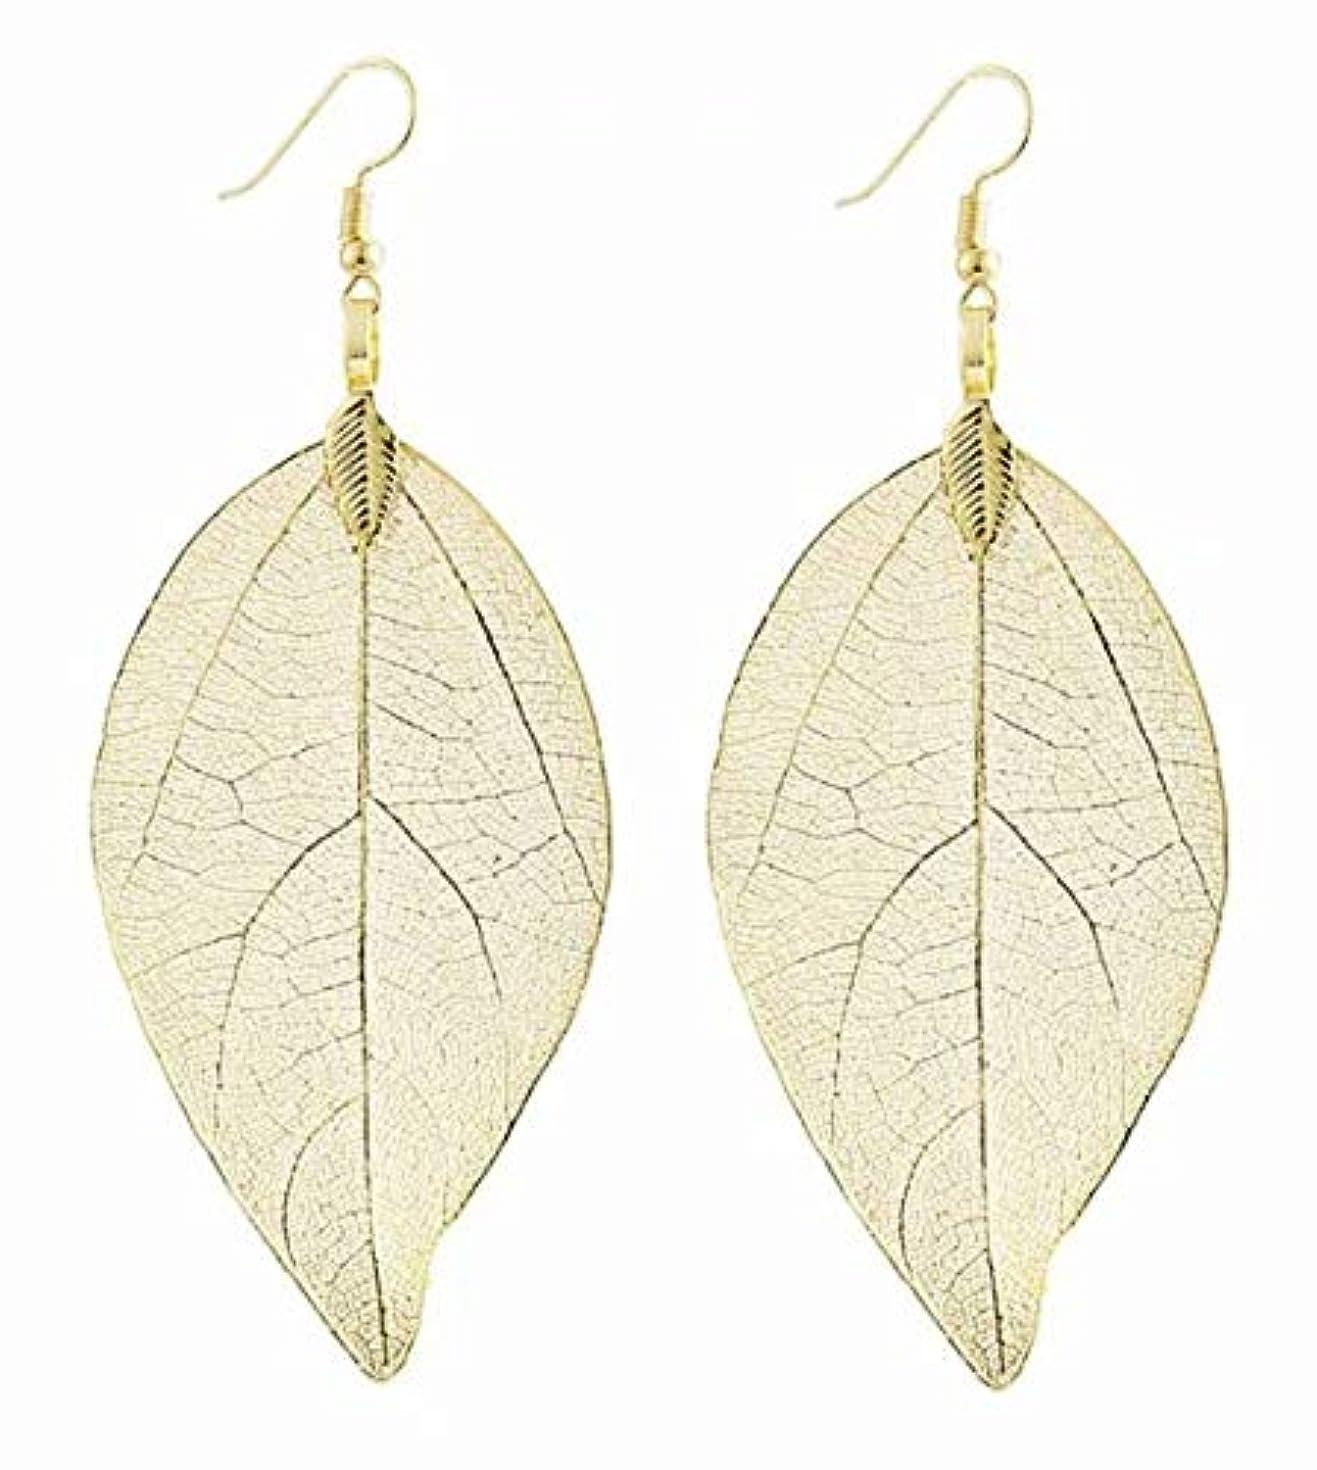 引数溶接神秘七里の香 プレミアム品質の女性ボヘミアンアウト葉の形のイヤリングロングペンダントドロップシック